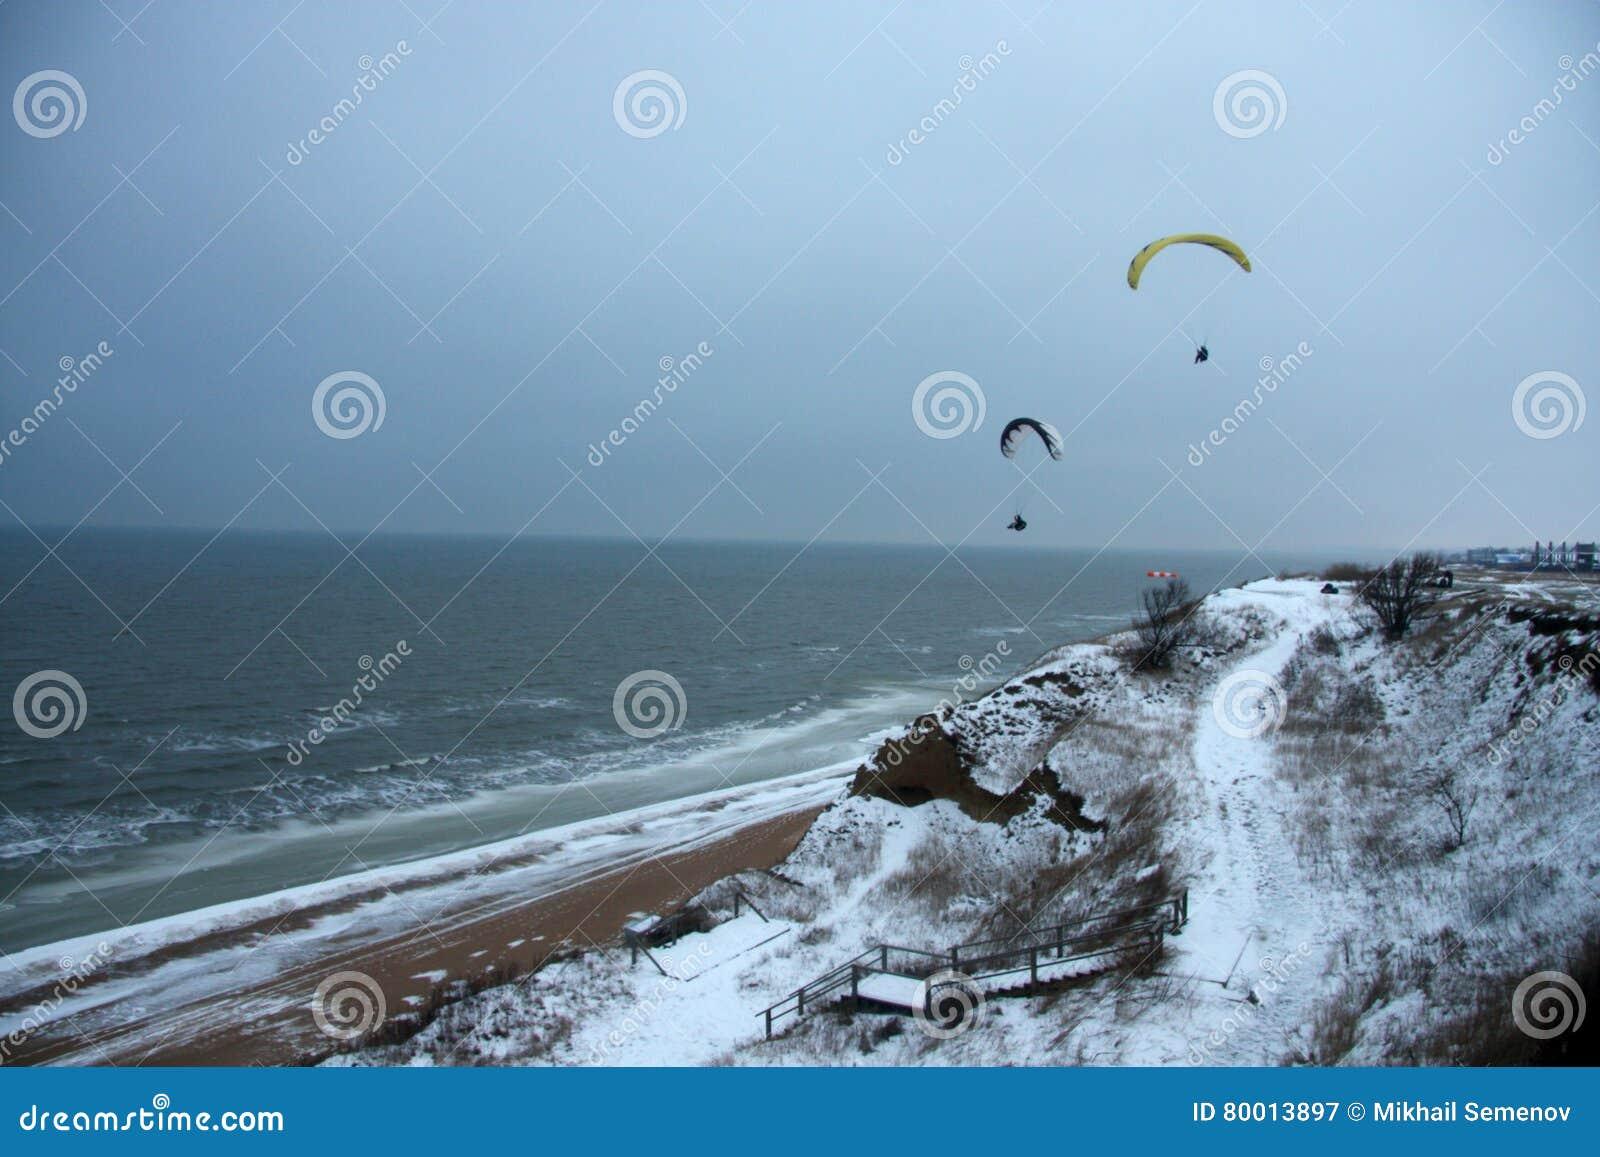 Gleitschirme über dem kalten Meer